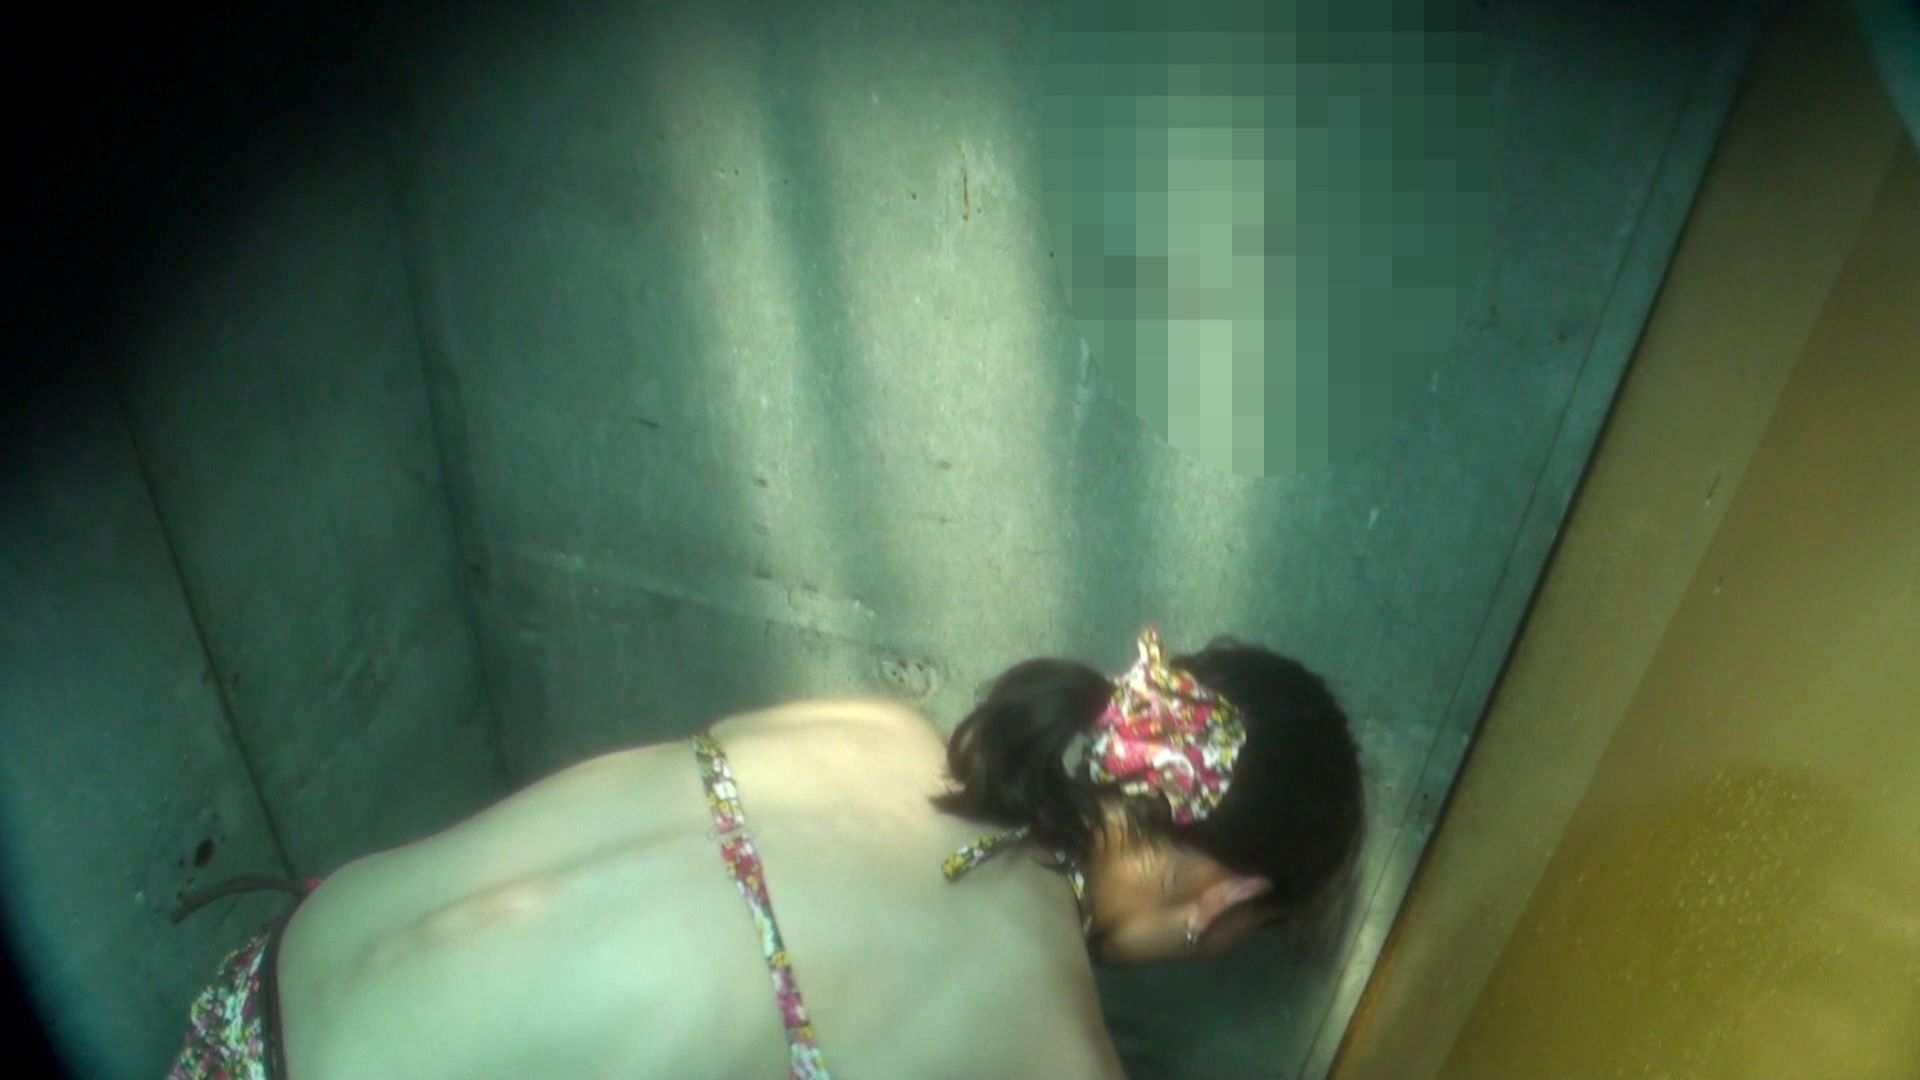 シャワールームは超!!危険な香りVol.16 意外に乳首は年増のそれ 乳首ポロリ  108画像 104